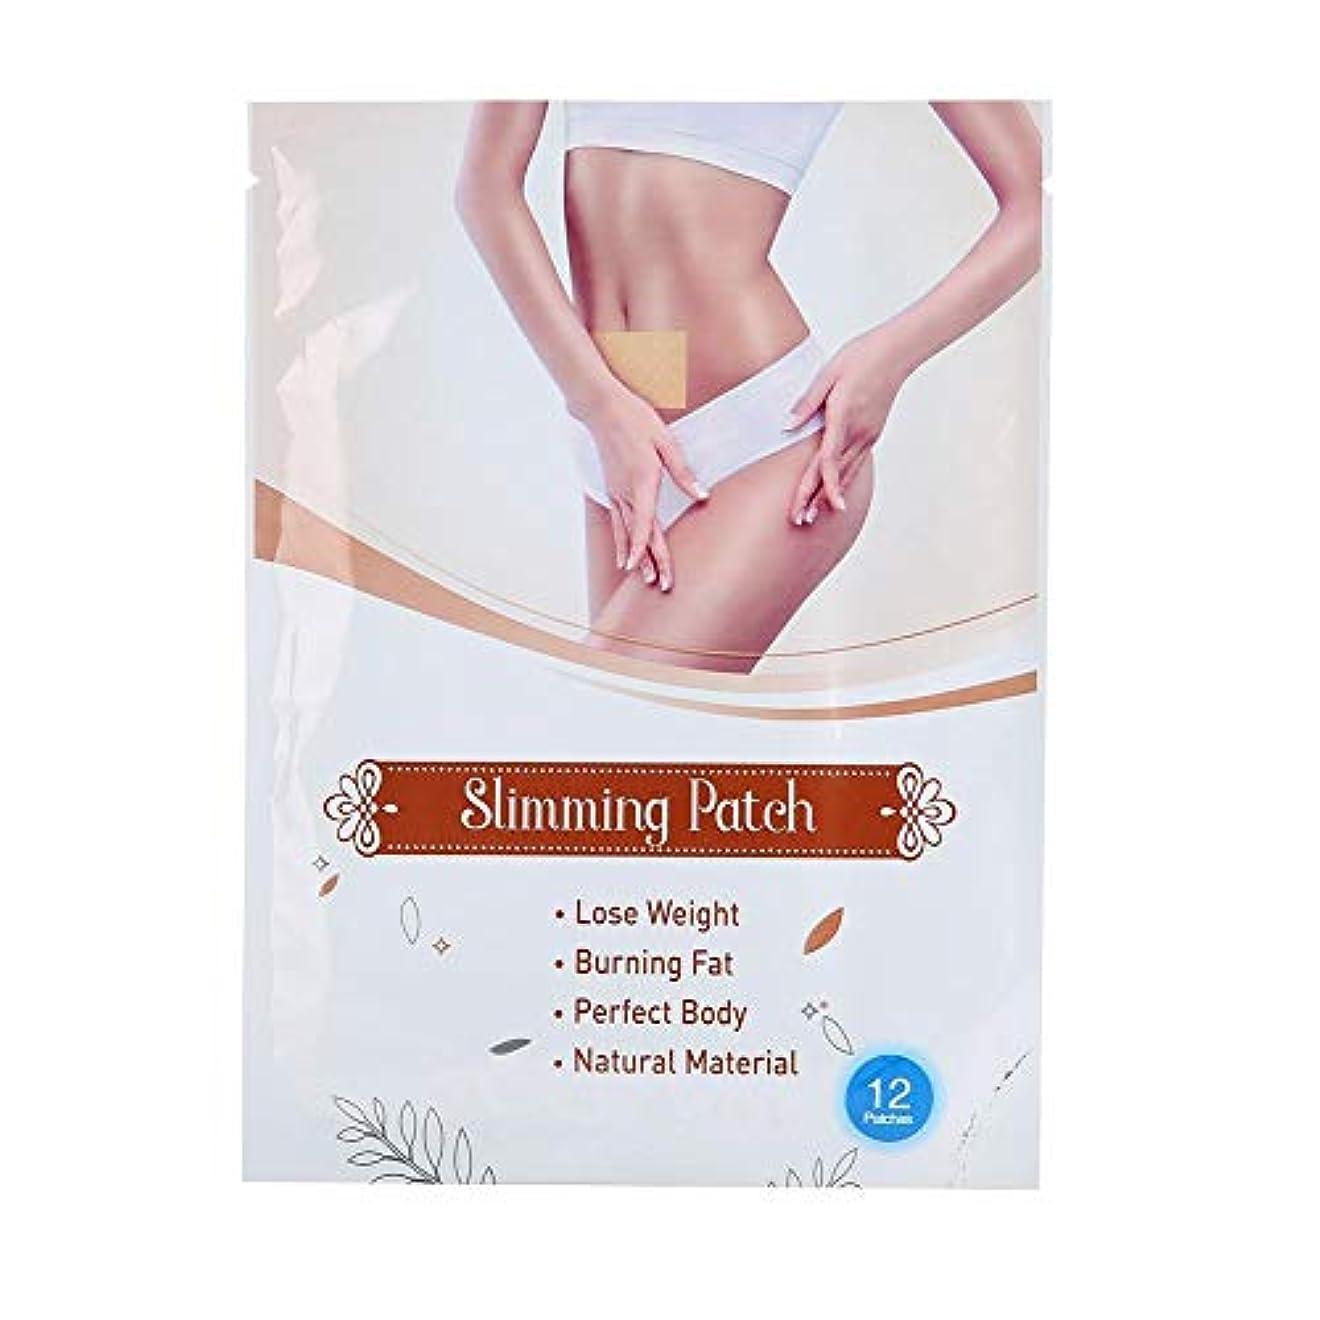 蒸知覚できるクラウン12痩身パッチ - 燃焼脂肪、減量ステッカー - 痩身脂肪燃焼、女性用